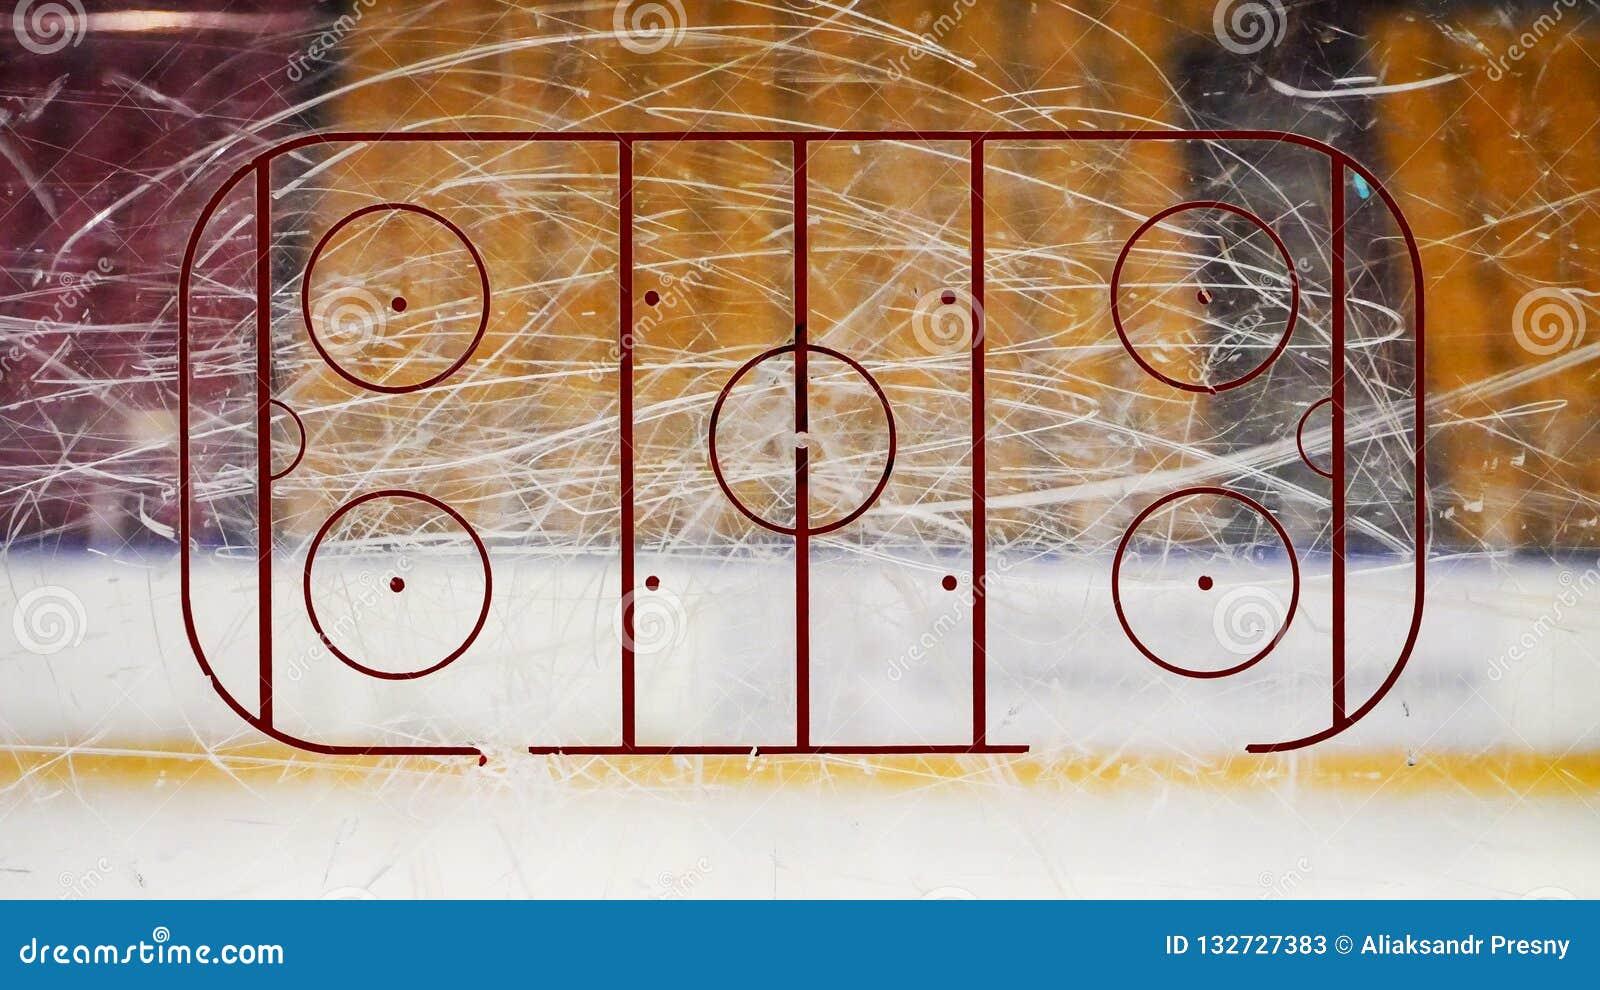 Hokeja Na Lodzie lodowisko na szkle